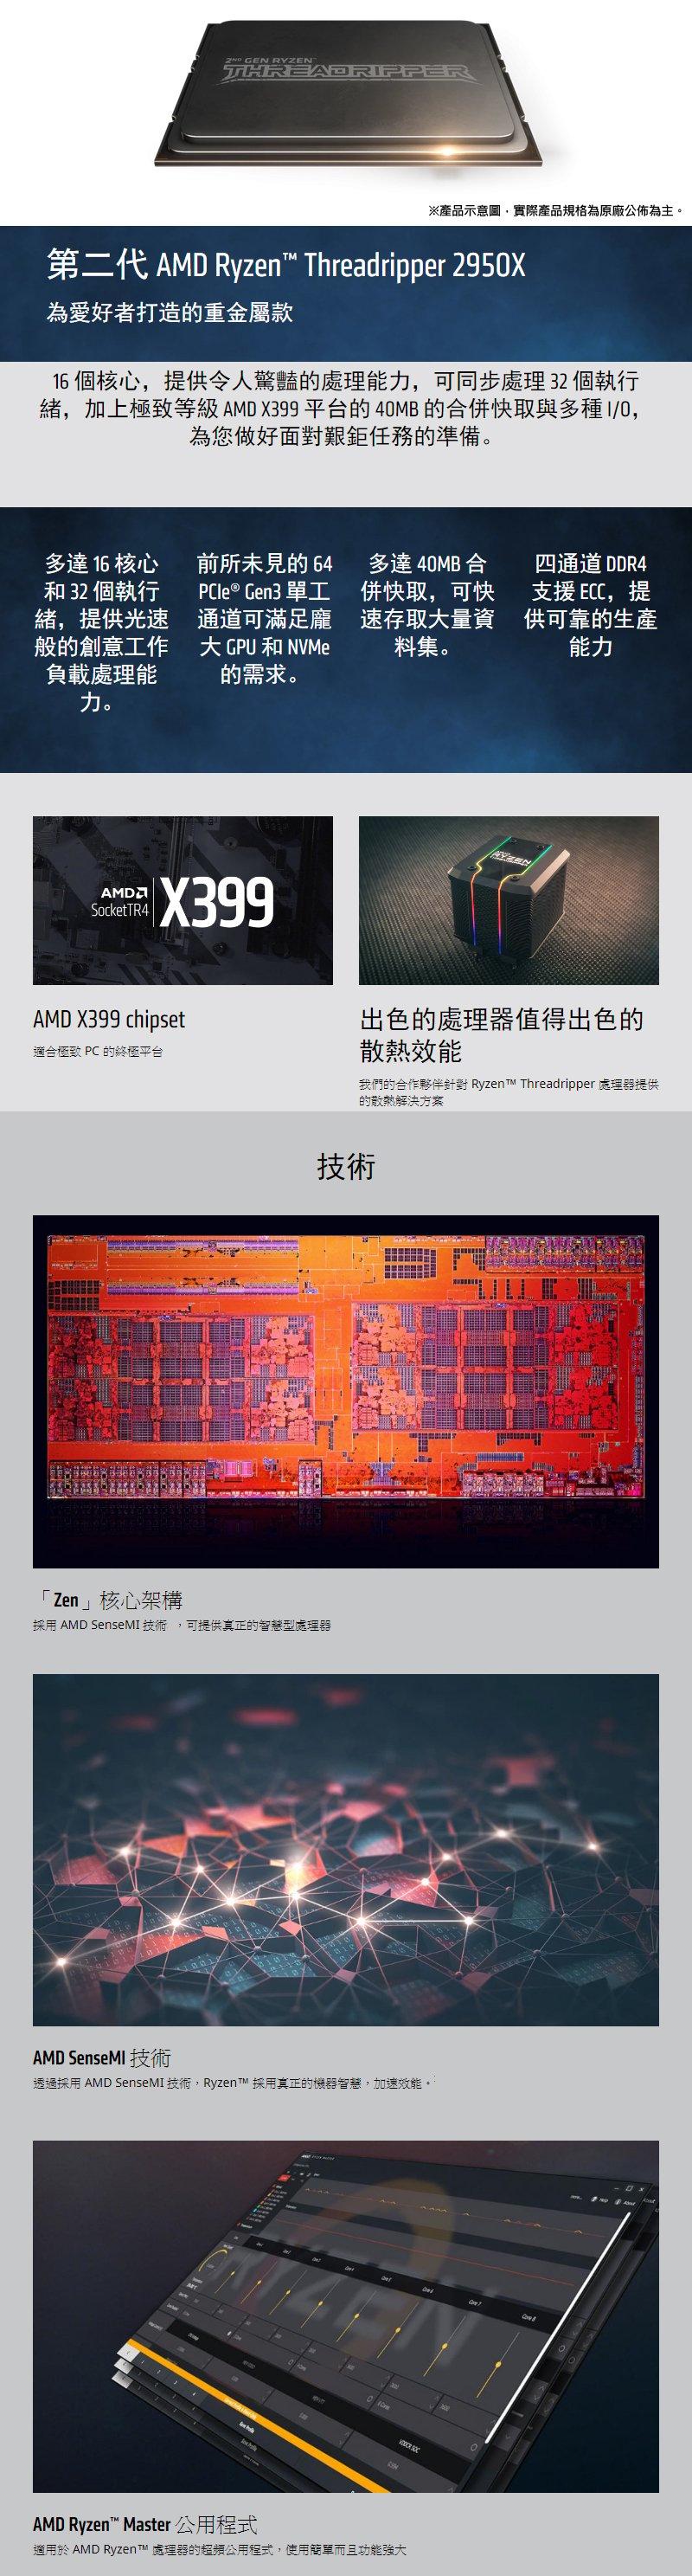 AMD Ryzen TR 2950X 16核心處理器《3 5GHz/TR4》